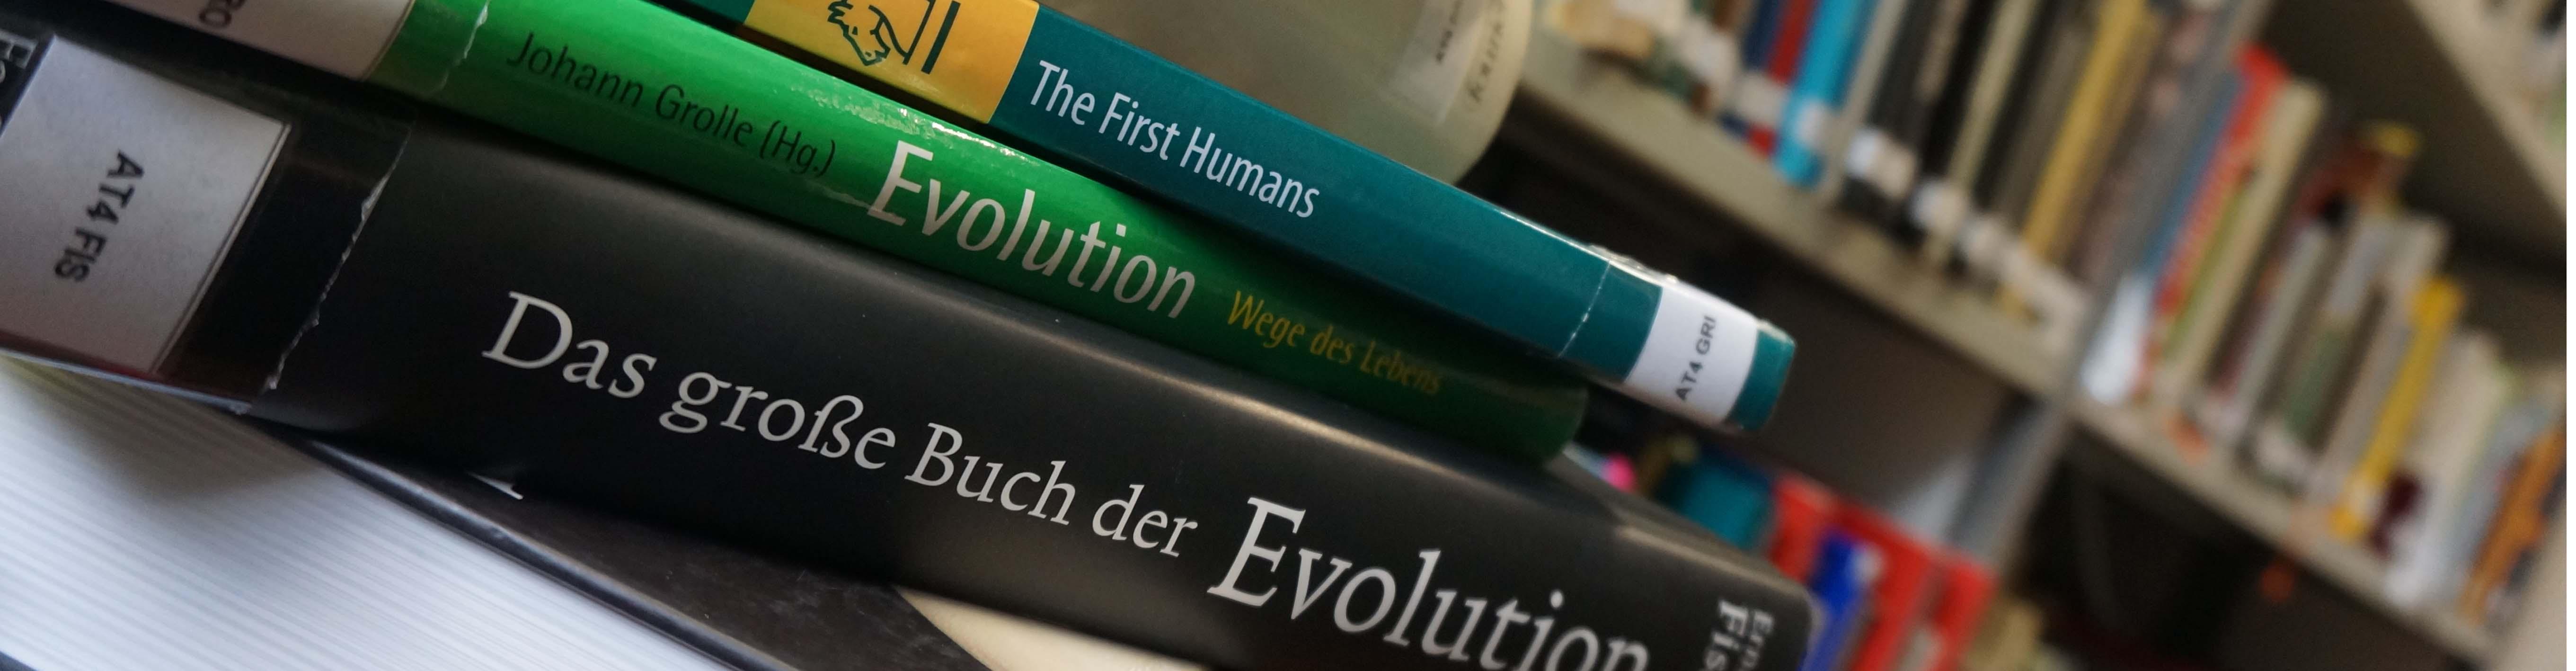 Radiokarbondatierung Evolution Dating-Website durchsuchen, ohne sich zu registrieren